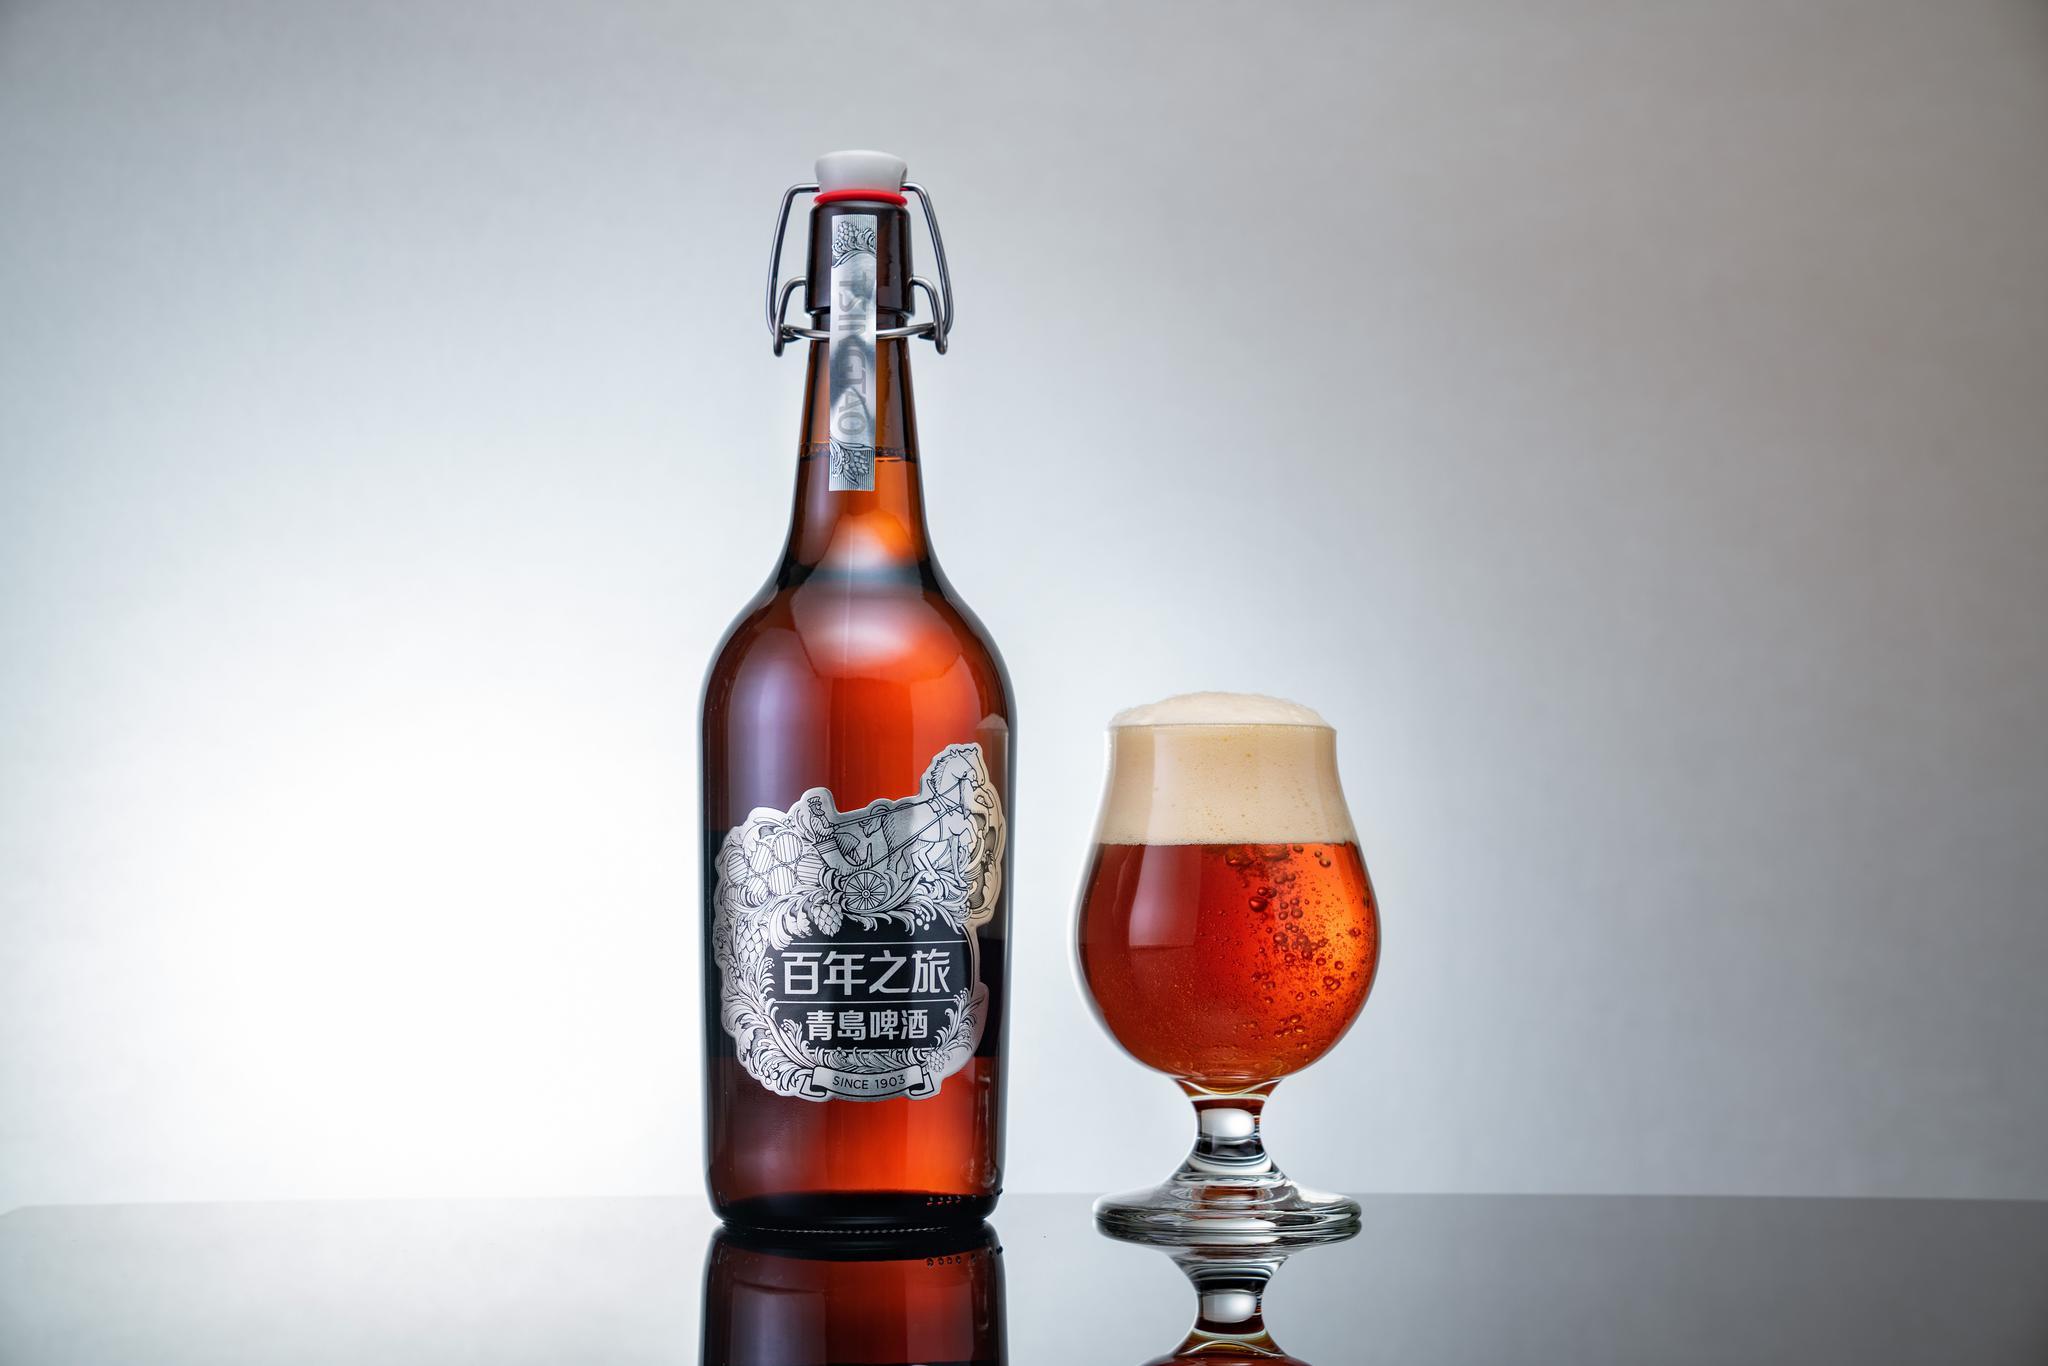 青岛啤酒 传承中创新一杯啤酒的百年活力图片